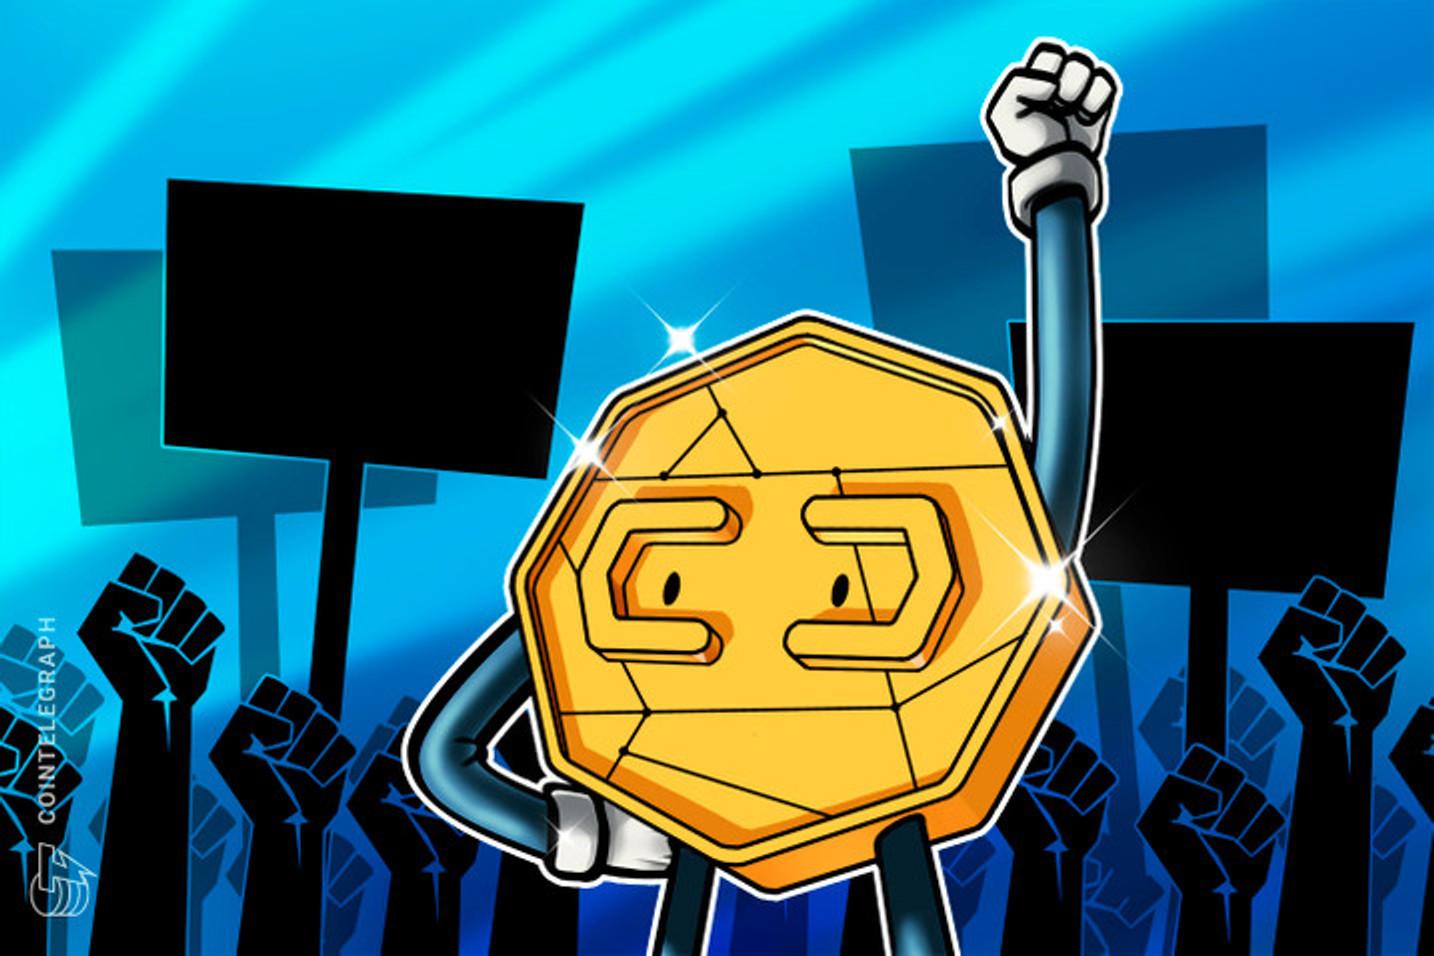 Exclusivo: BTG entra na 'briga' por tokenização no Brasil e encaminha proposta em sandbox da CVM